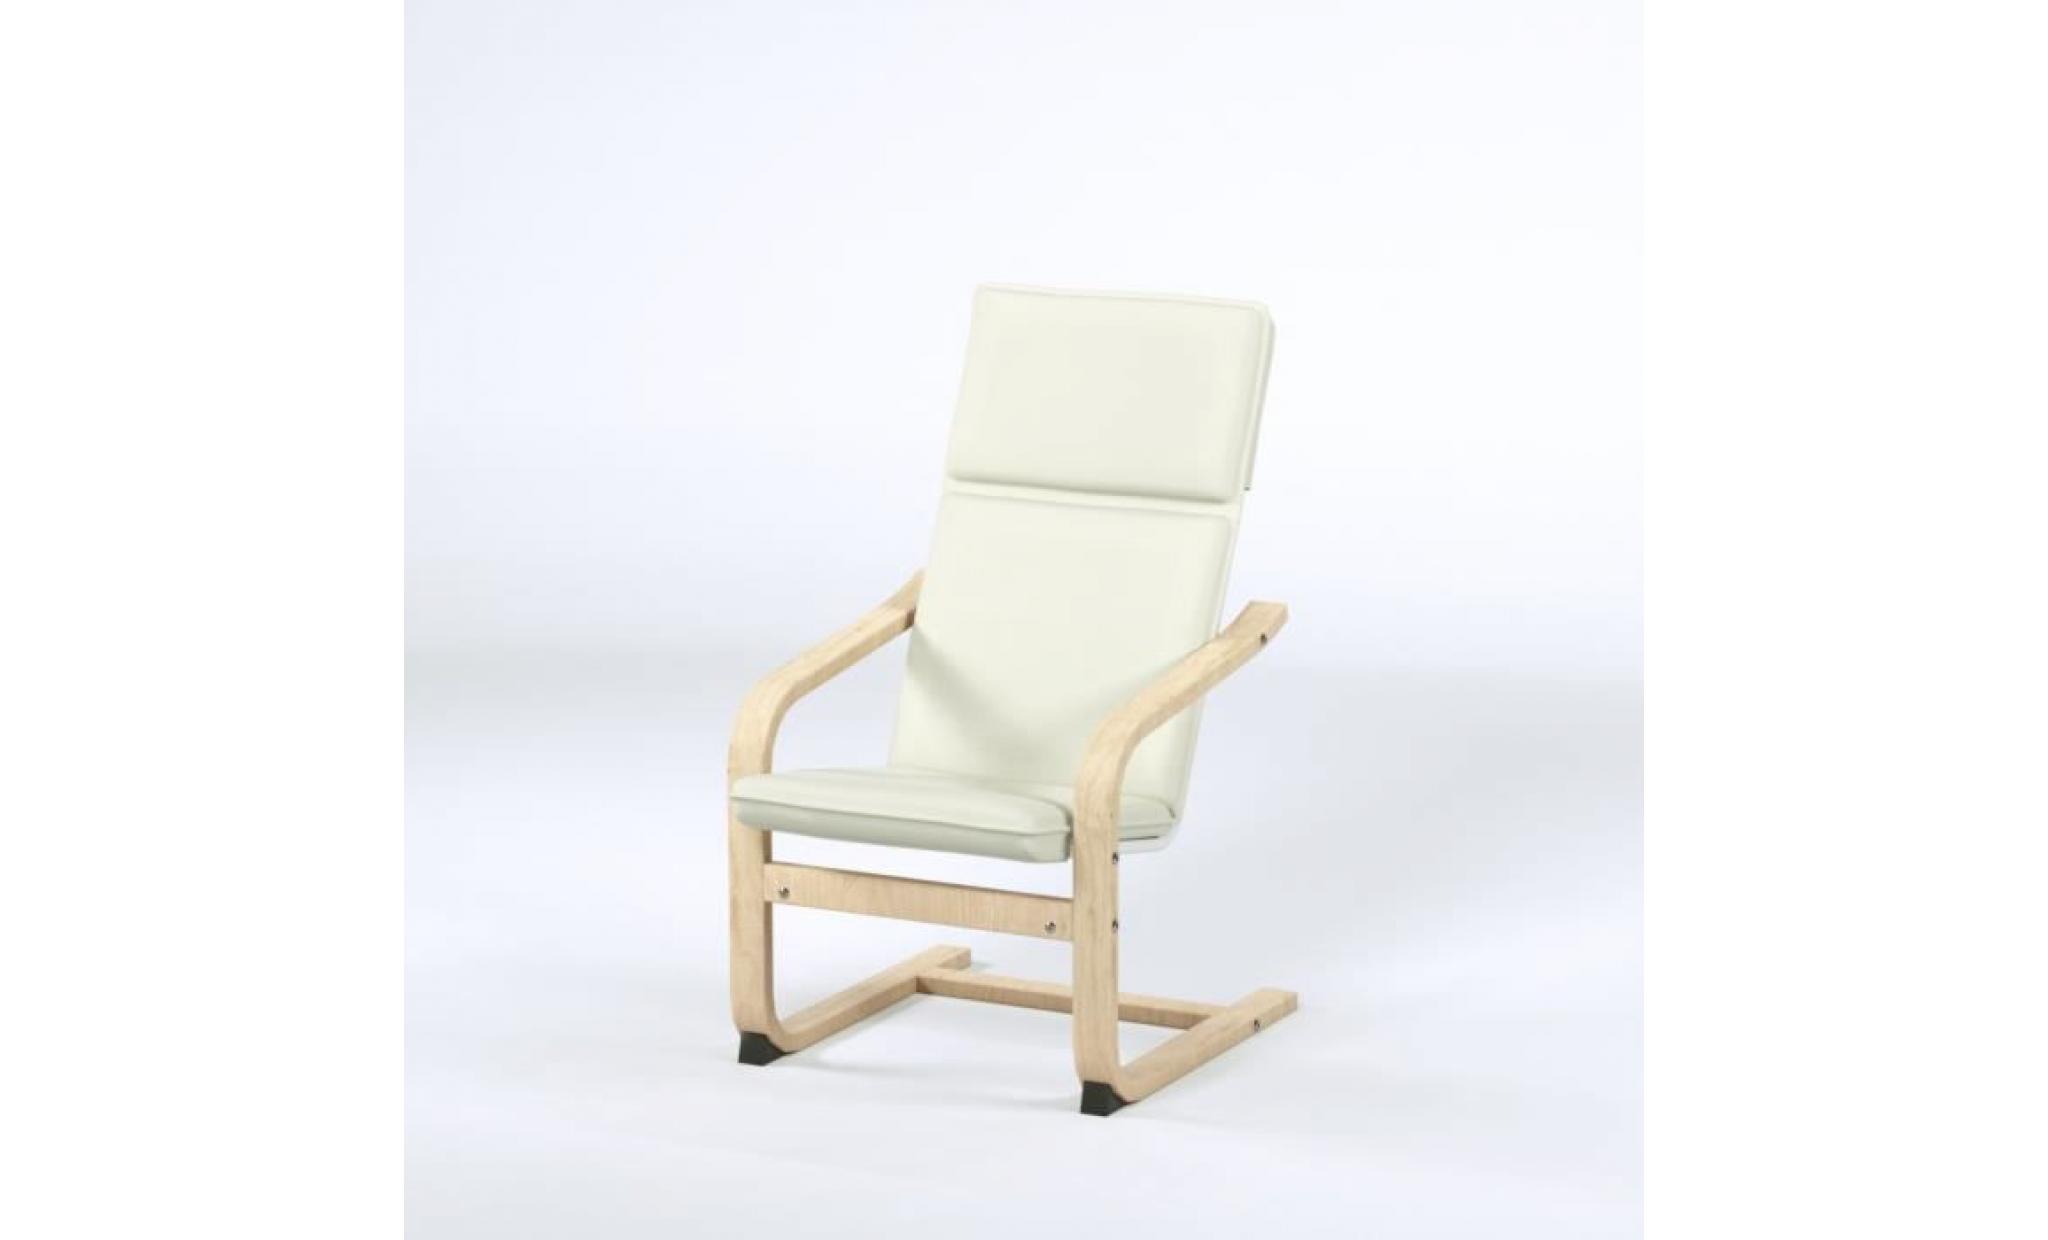 fauteuil de relaxation enfant en metal noir et pieds bouleau massif tissu beige contemporain l 44 x p 47 cm achat vente fauteuil pas cher couleur et design fr